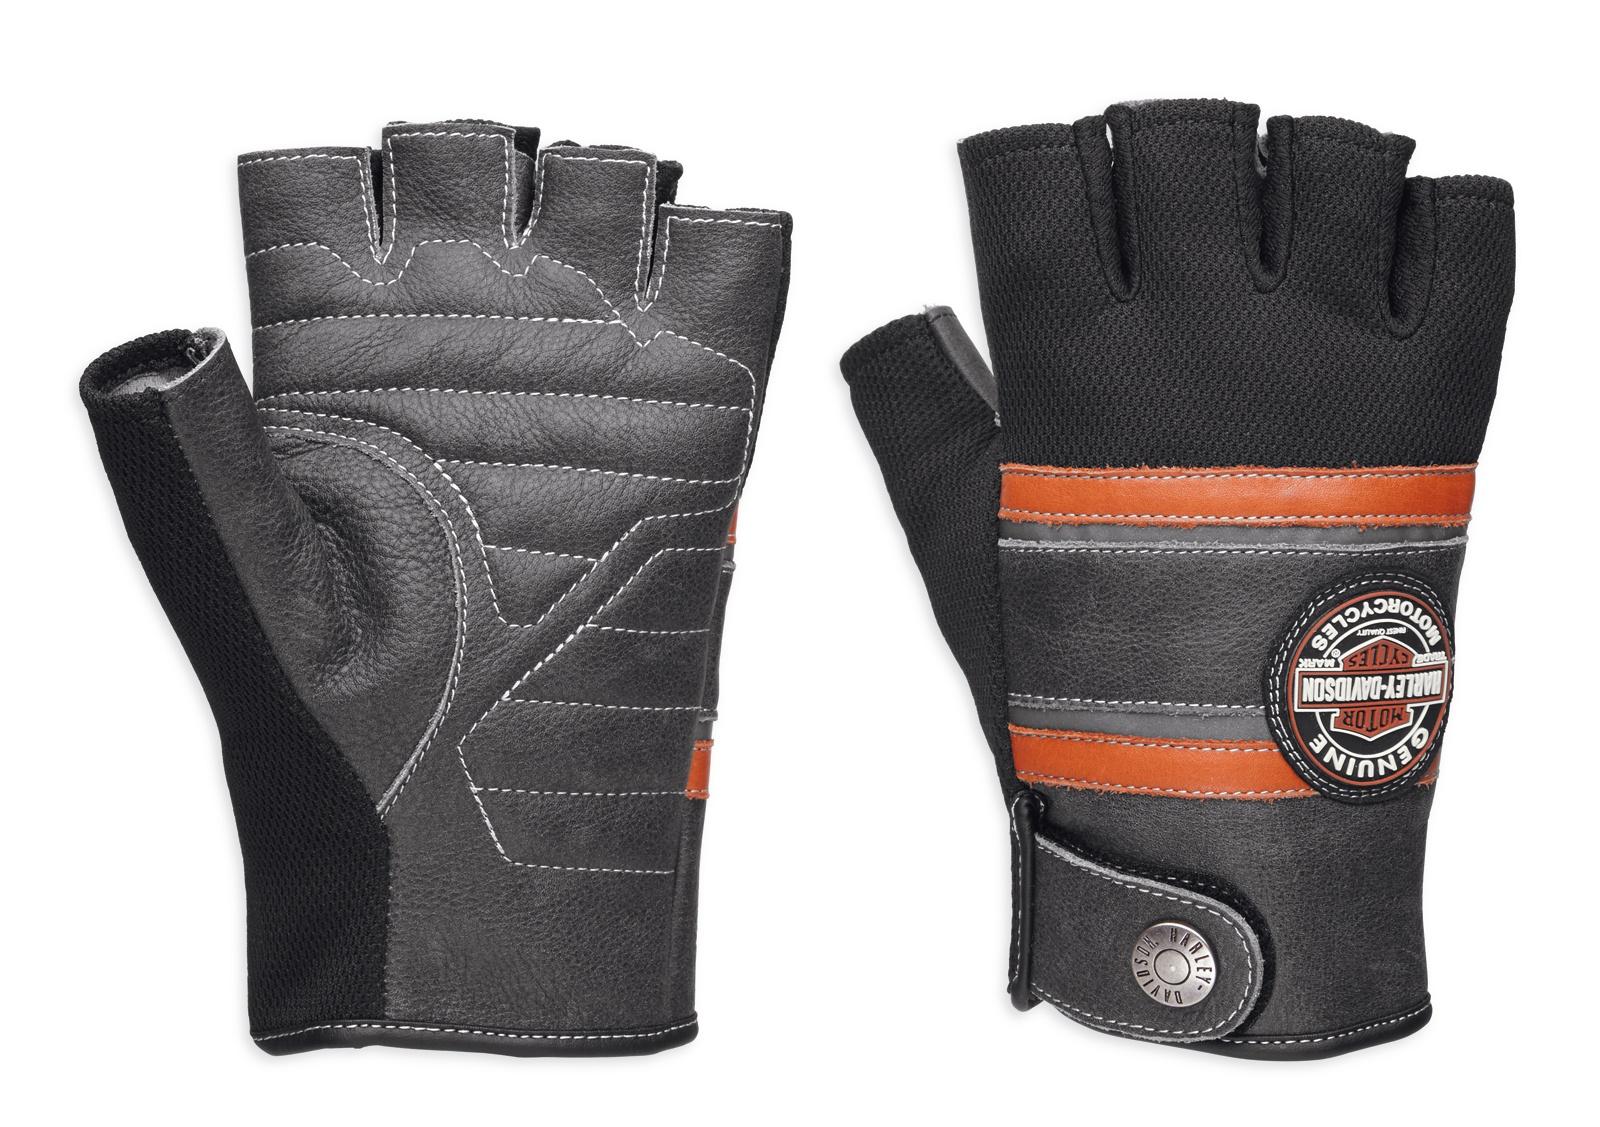 98216 18vm harley davidson gloves men 39 s mixed media. Black Bedroom Furniture Sets. Home Design Ideas